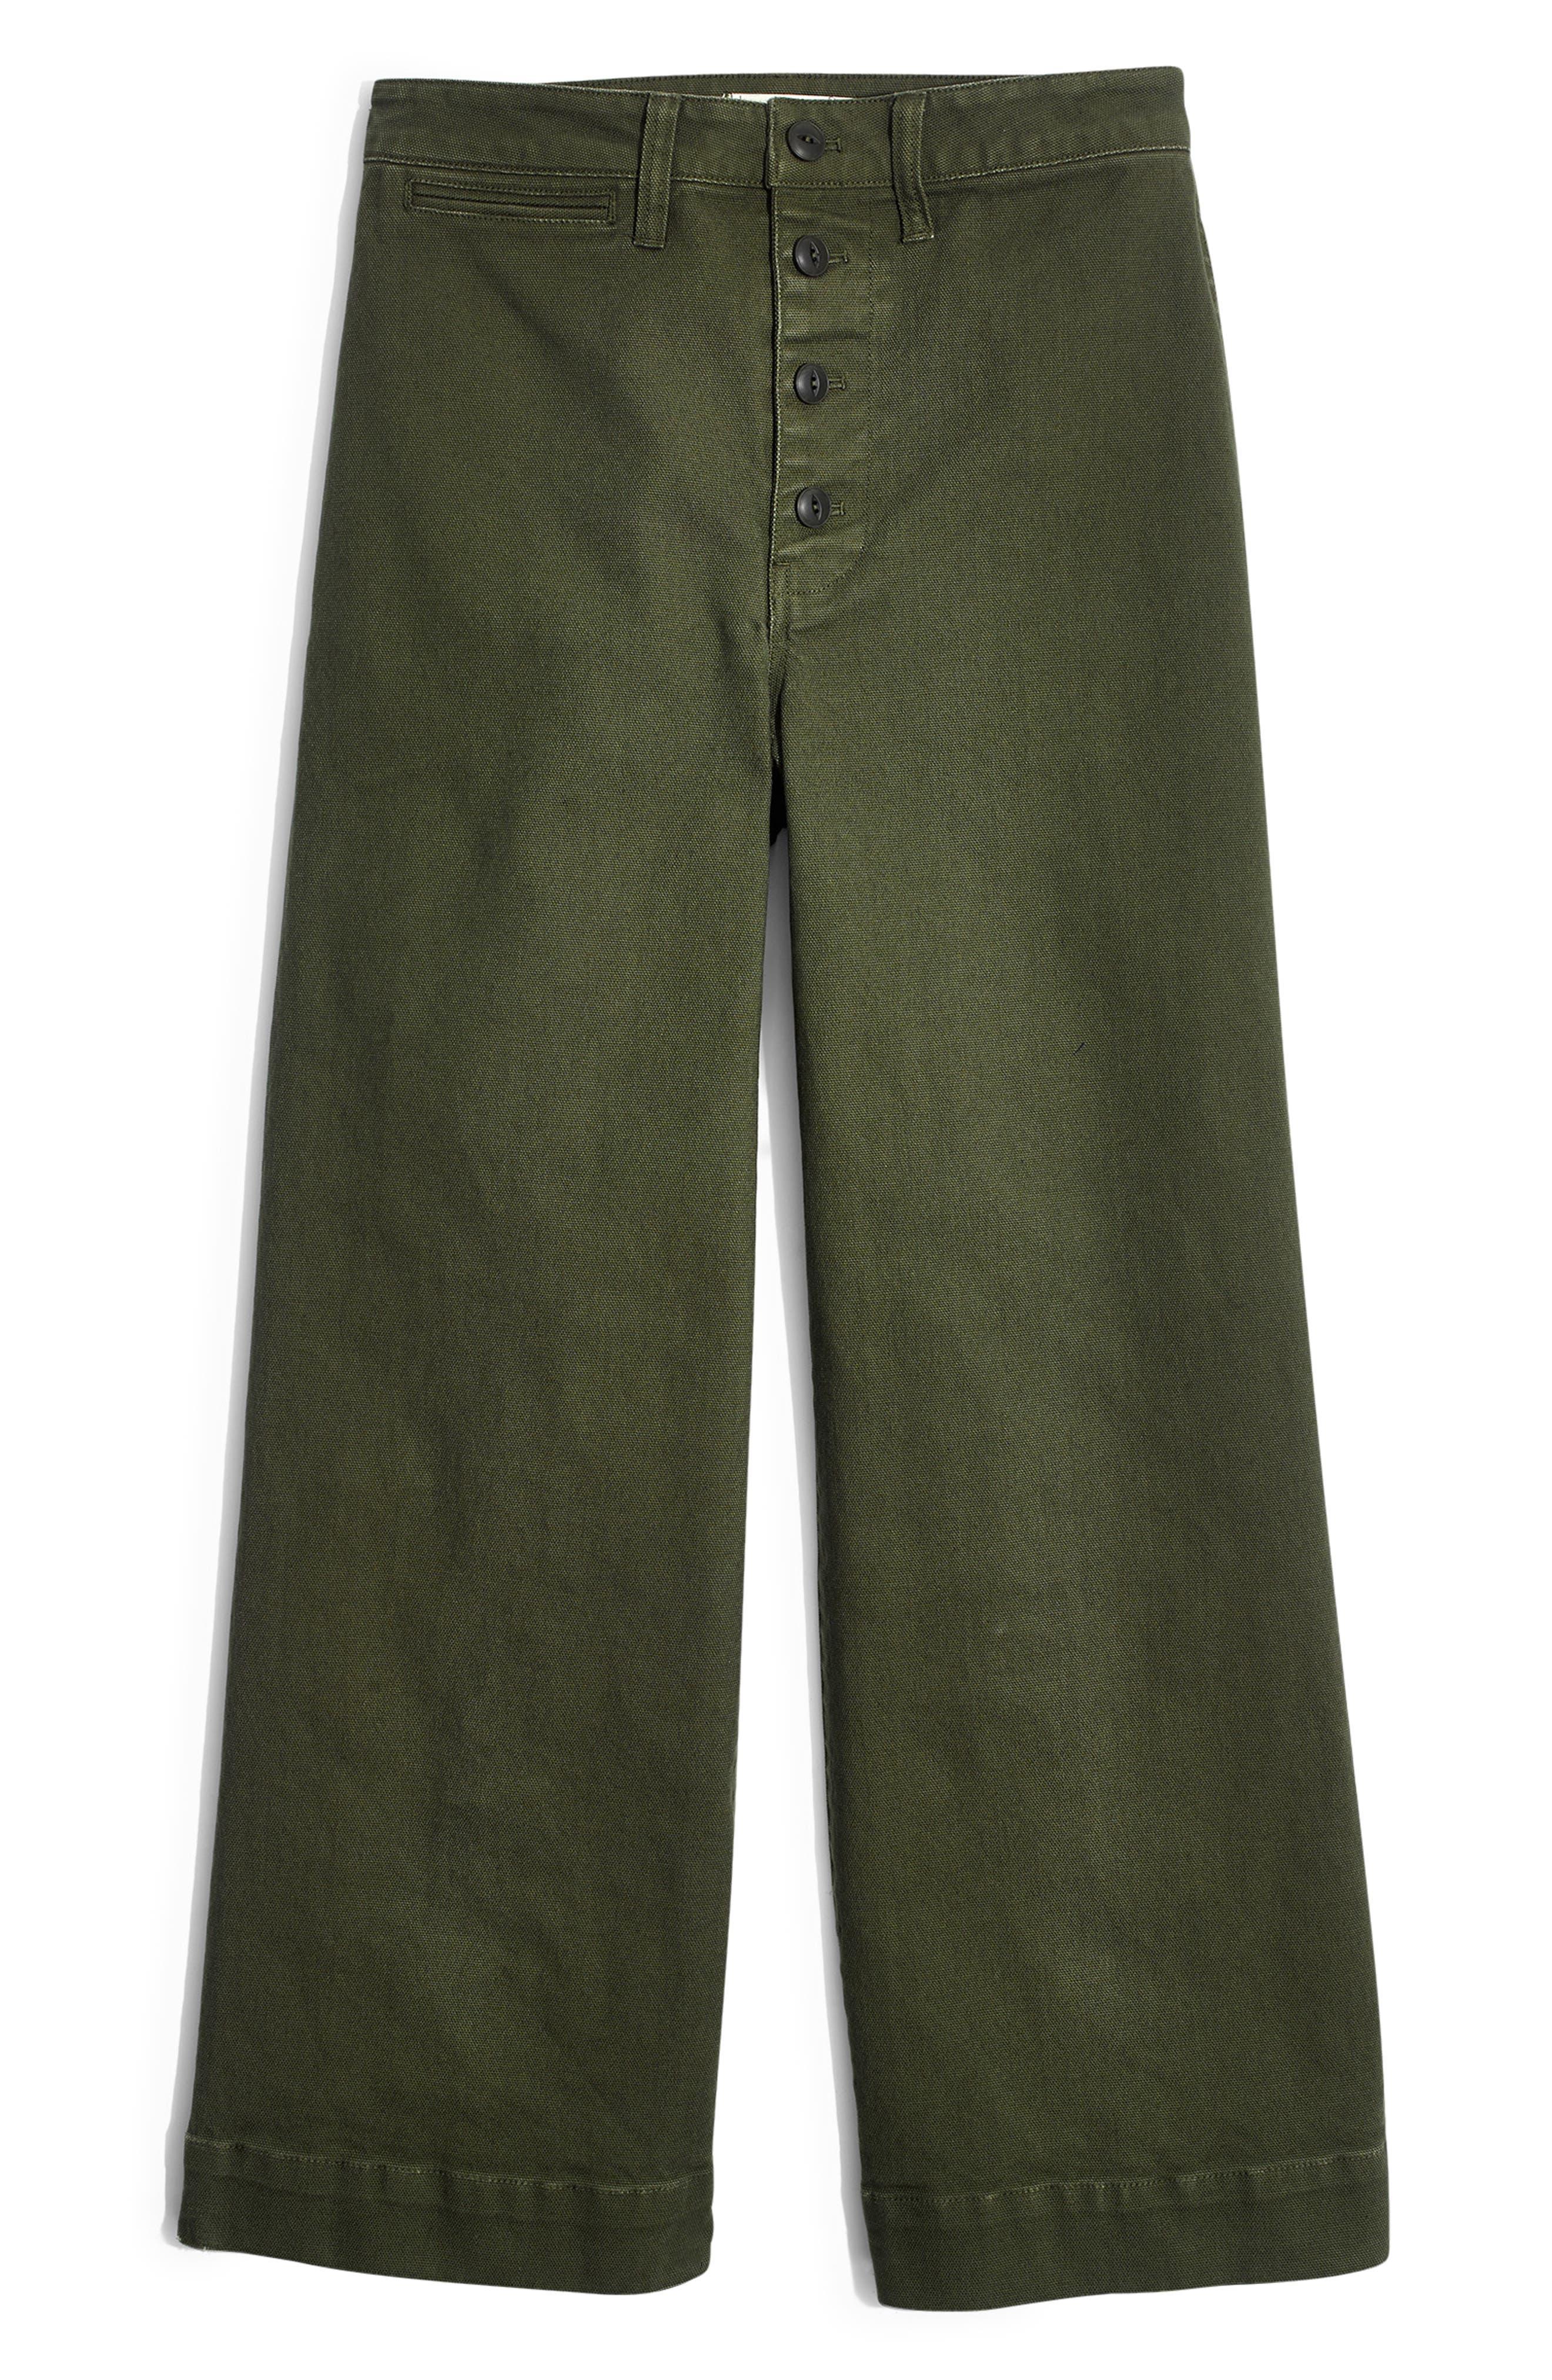 MADEWELL, Emmett Crop Wide Leg Pants, Alternate thumbnail 5, color, LODEN